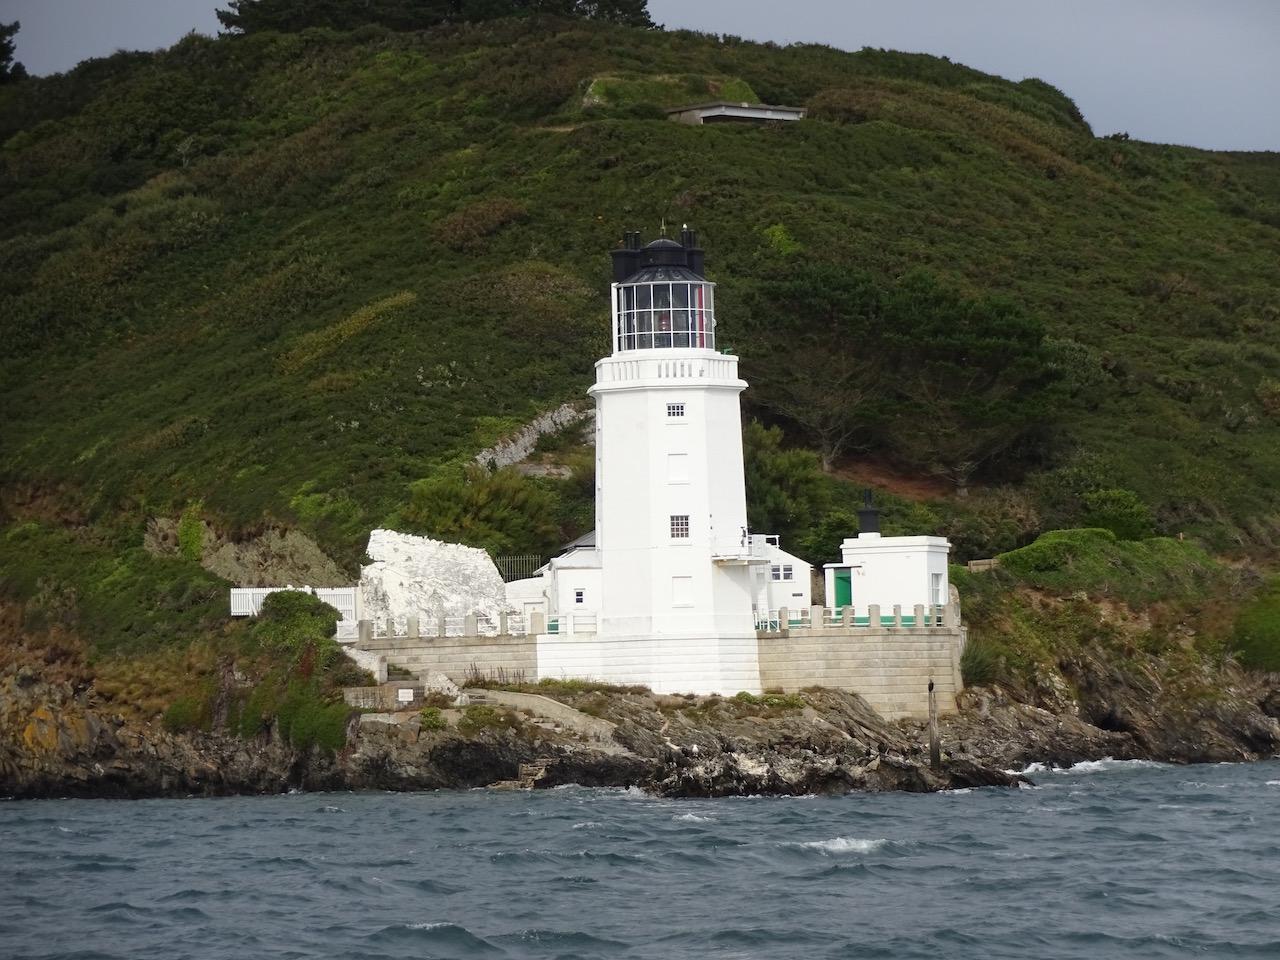 Einfahrt in die Bucht von Plymouth